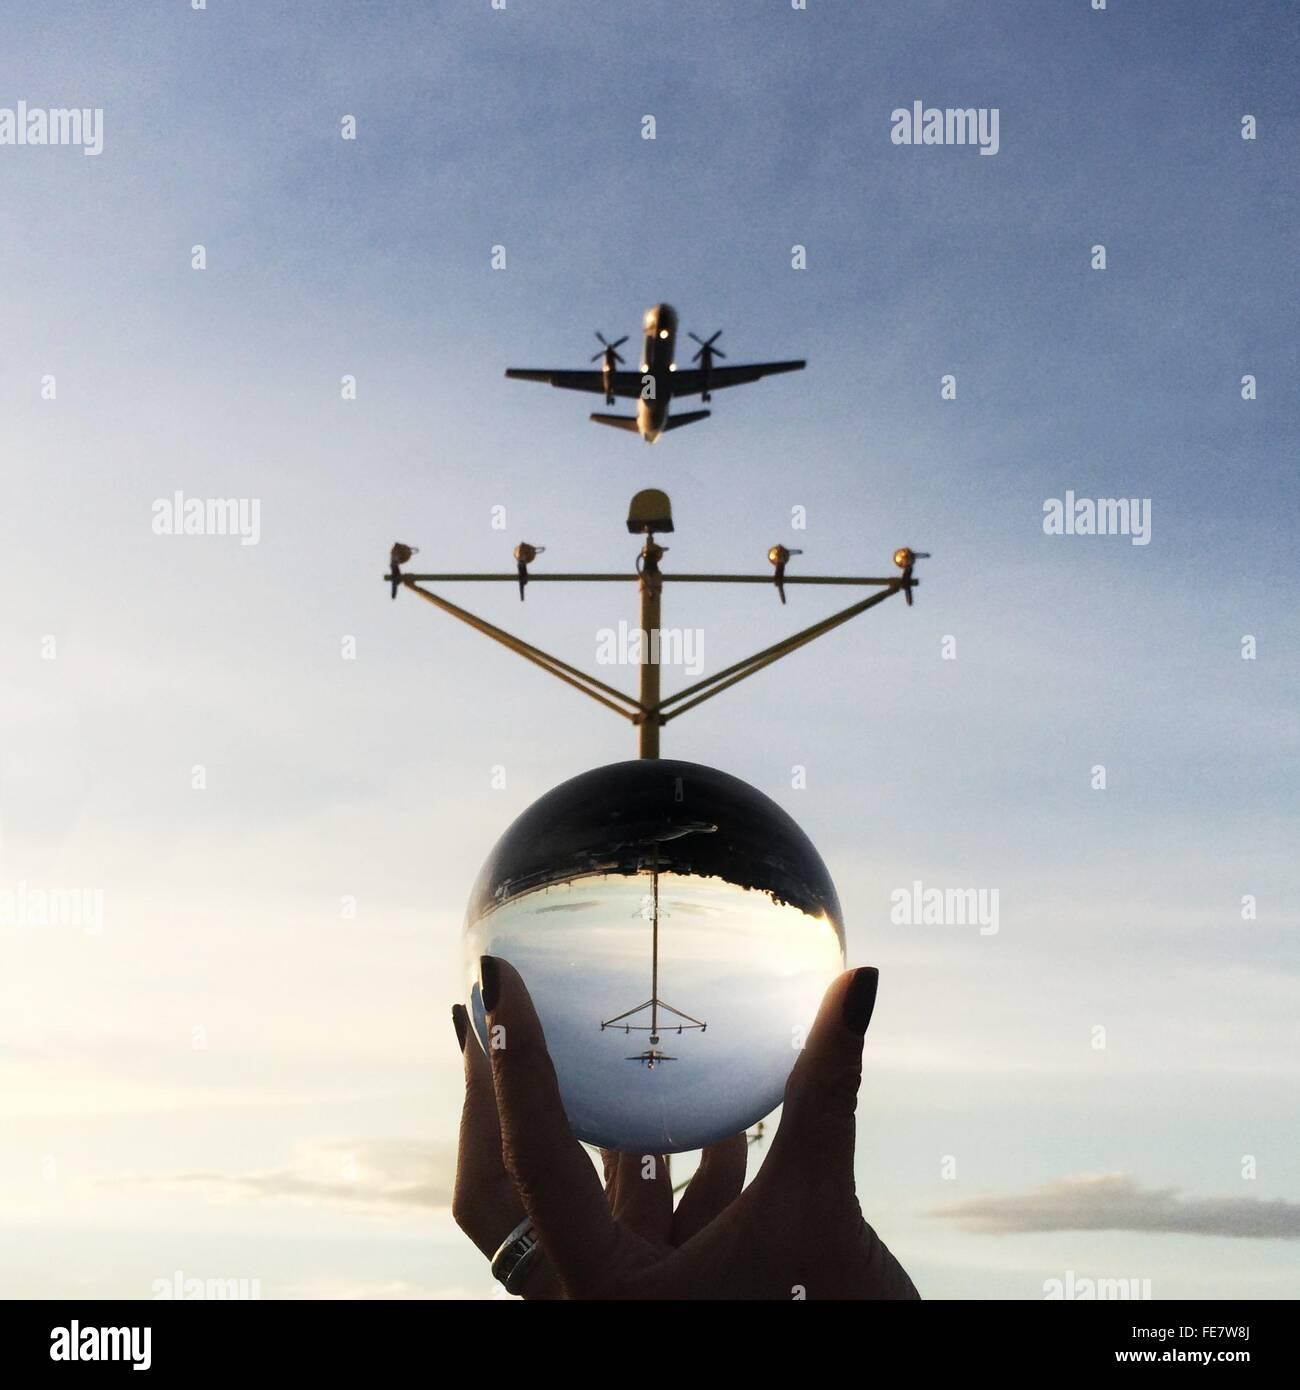 La riflessione del velivolo in una sfera di vetro Immagini Stock